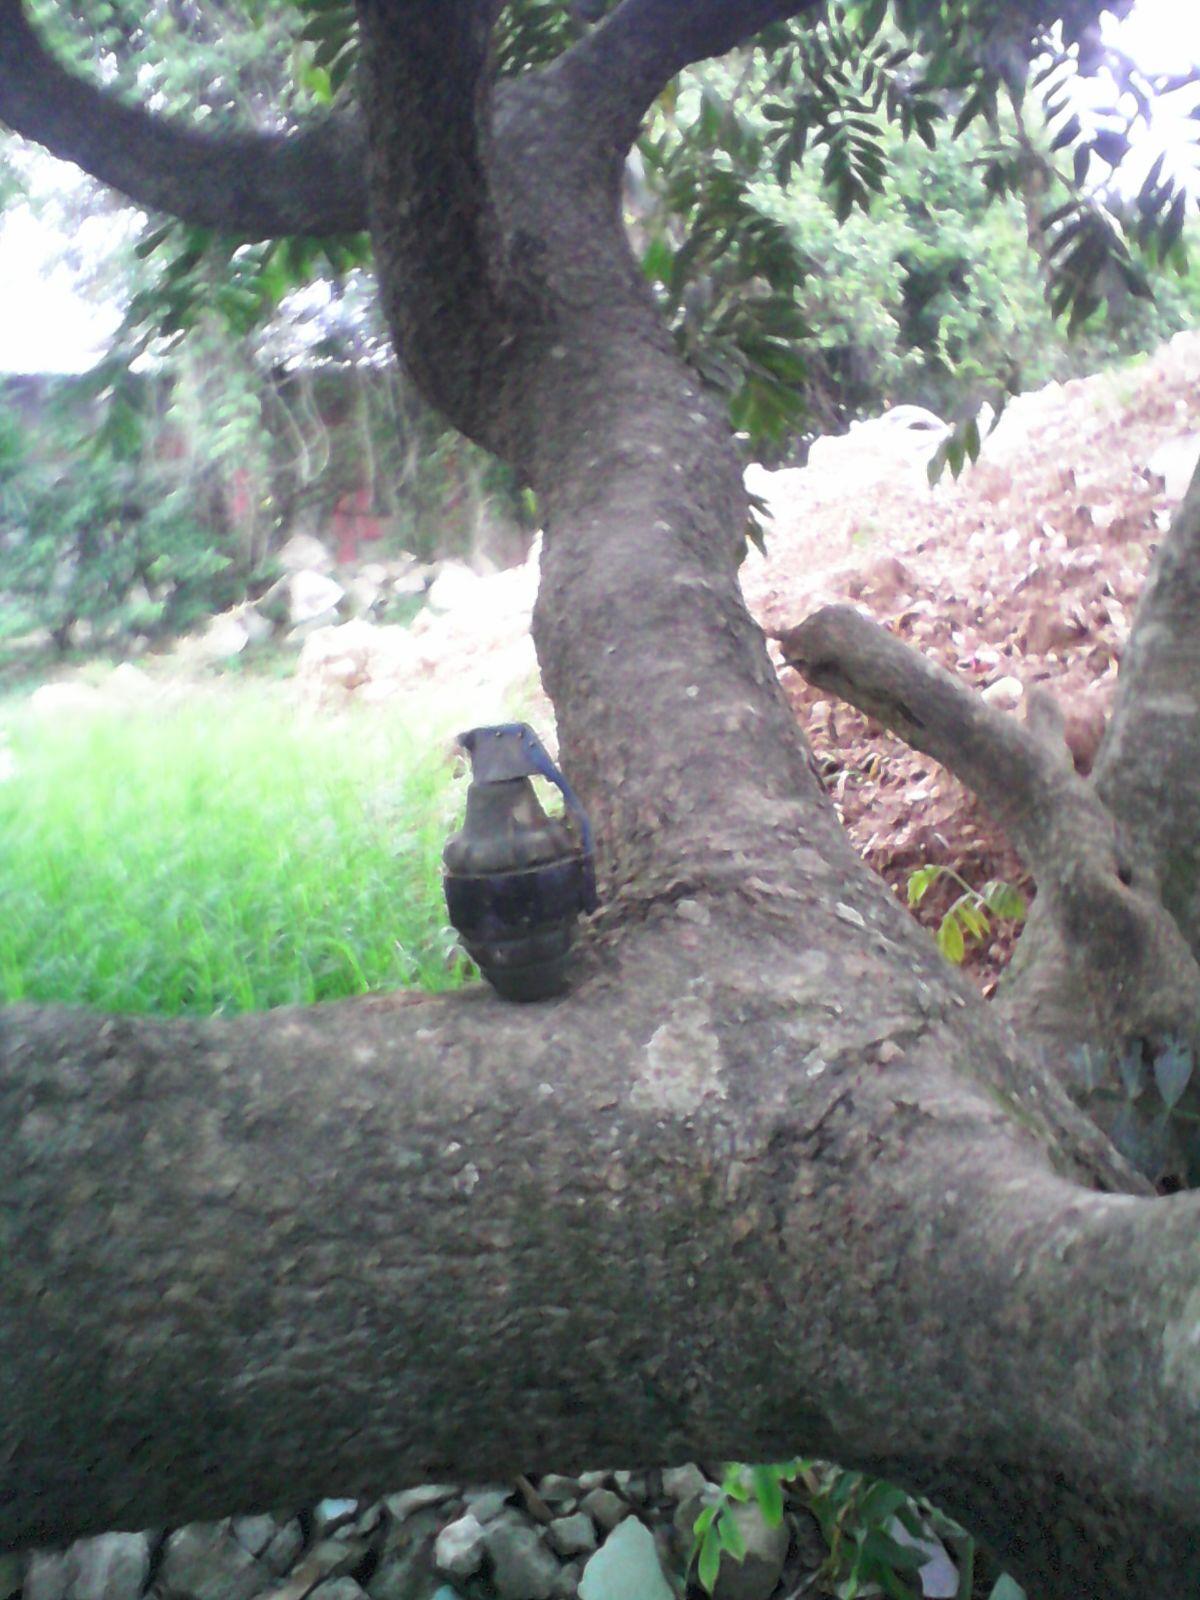 Honduras: Encuentran granada en la rama de un árbol en un solar baldío